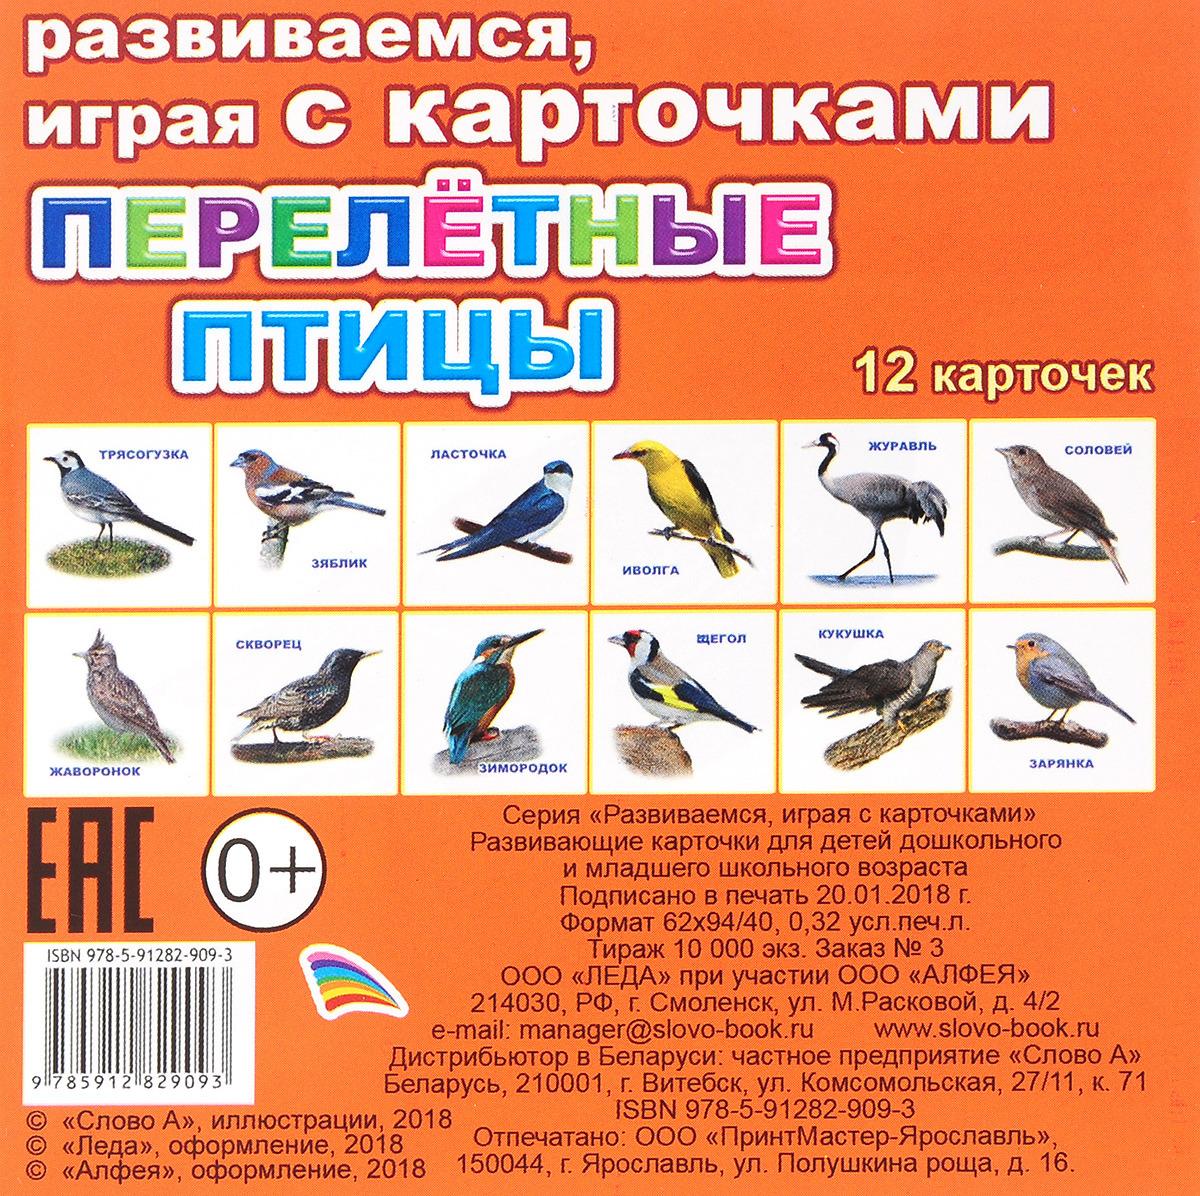 Перелетные птицы. Обучающие карточки